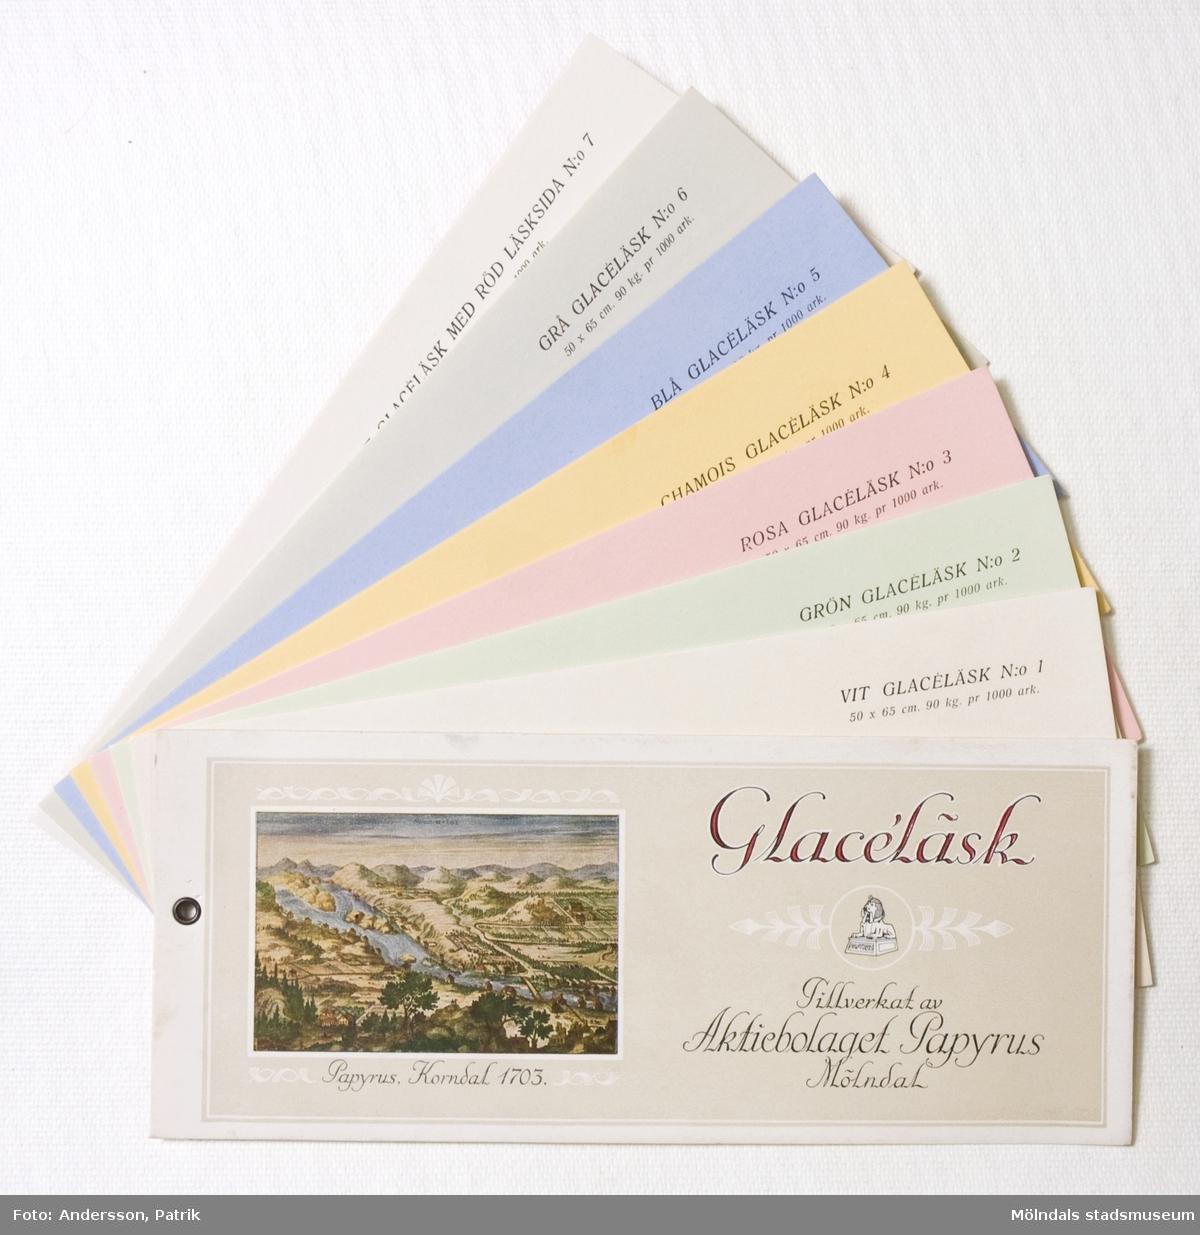 """Häfte med prover, """"Glacéläsk"""". 7 st provblad i ljusa pastellfärger, fästa med nitat hål. På omslaget finns en färglitografi som föreställer Papyrus, Krondal från 1703. Papyrus logotyp och tillverkarnamn. Litteratur: Papyrus 1895-1945, Minnesskrifter, Esseltes Göteborgsindustrier AB, Göteborg 1945."""